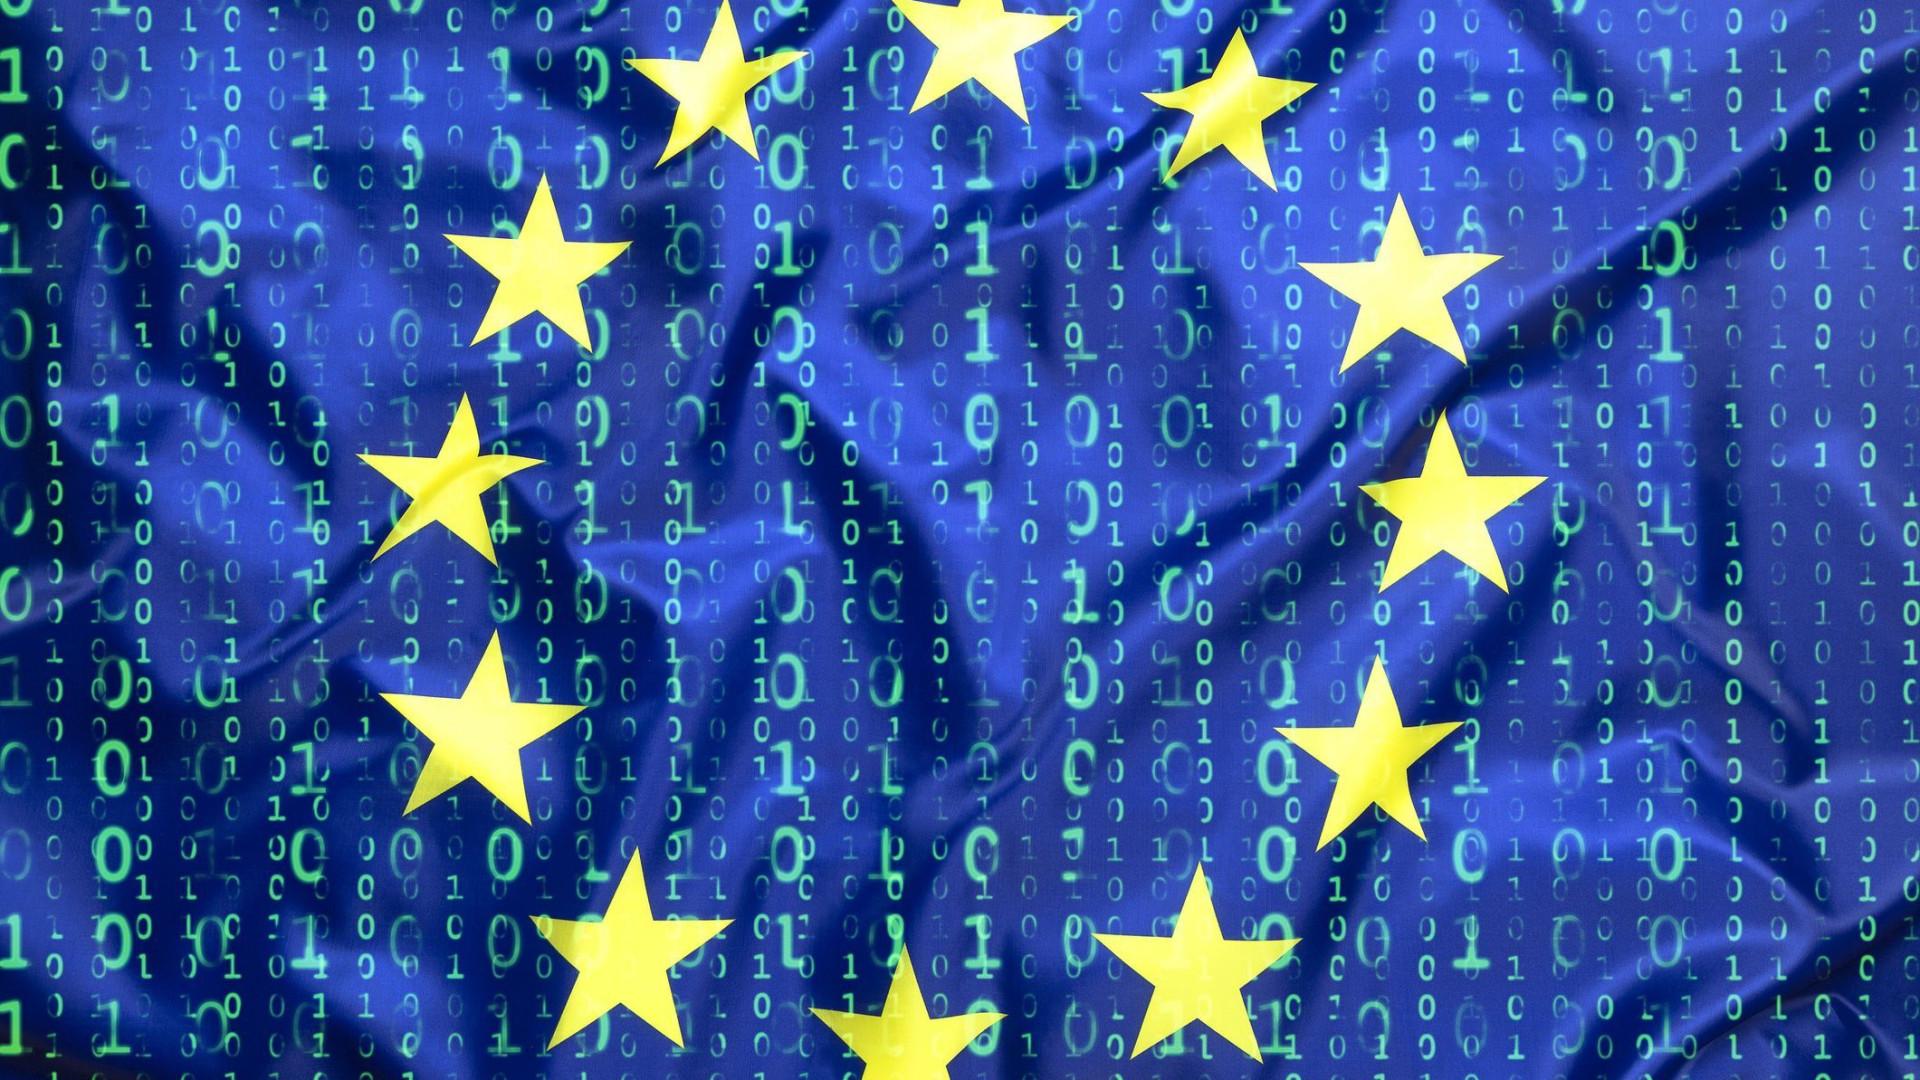 Proteção de dados: Legislação deve cingir-se ao regulamento europeu